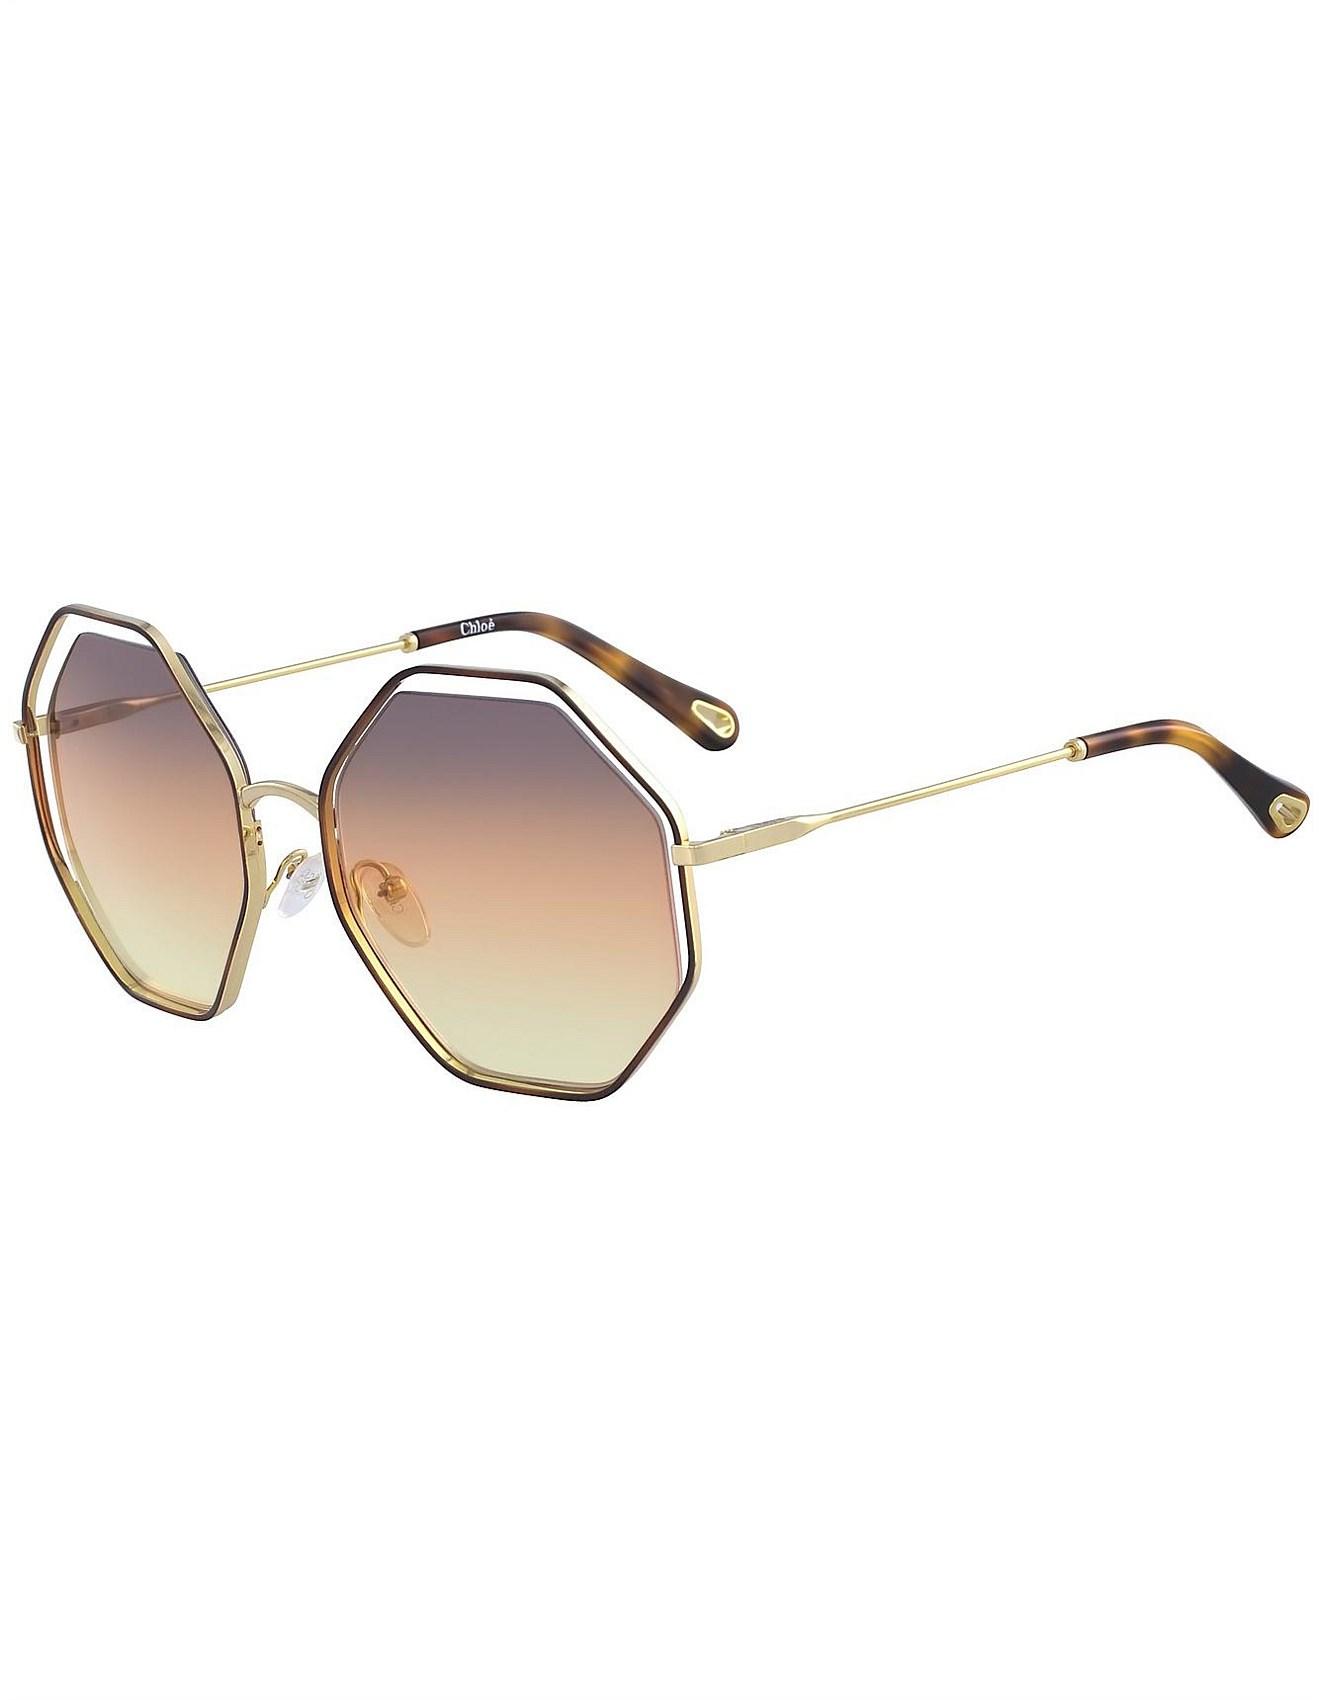 754957c0c3 Accessories - Poppy Sunglasses